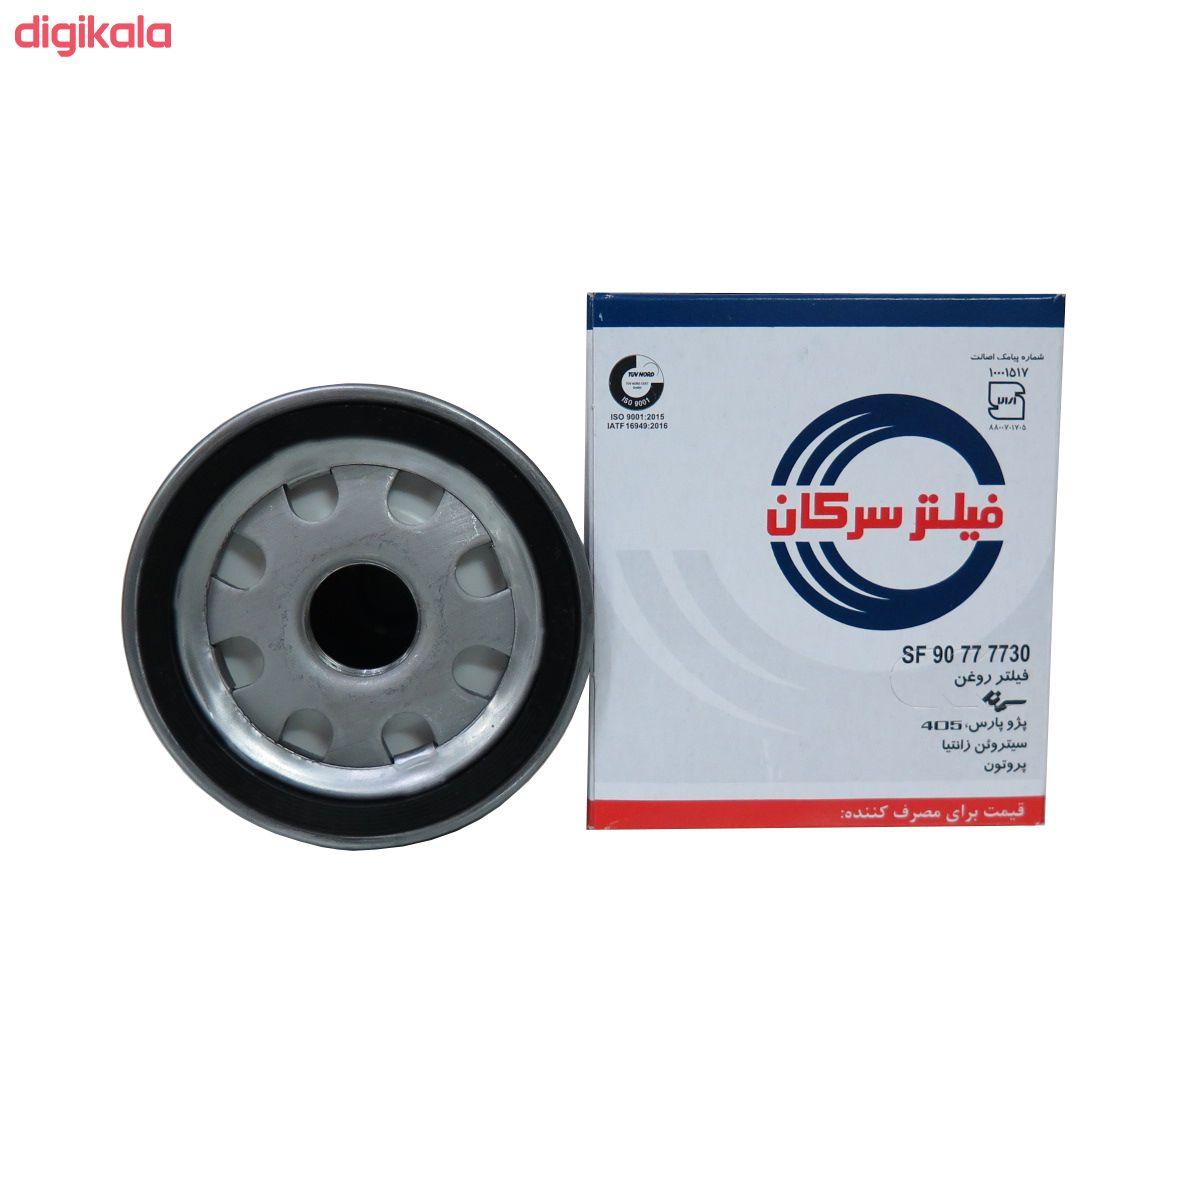 فیلتر هوا خودرو سرکان مدل SF939 به همراه فیلتر روغن و فیلتر کابین و فیلتر بنزین main 1 2